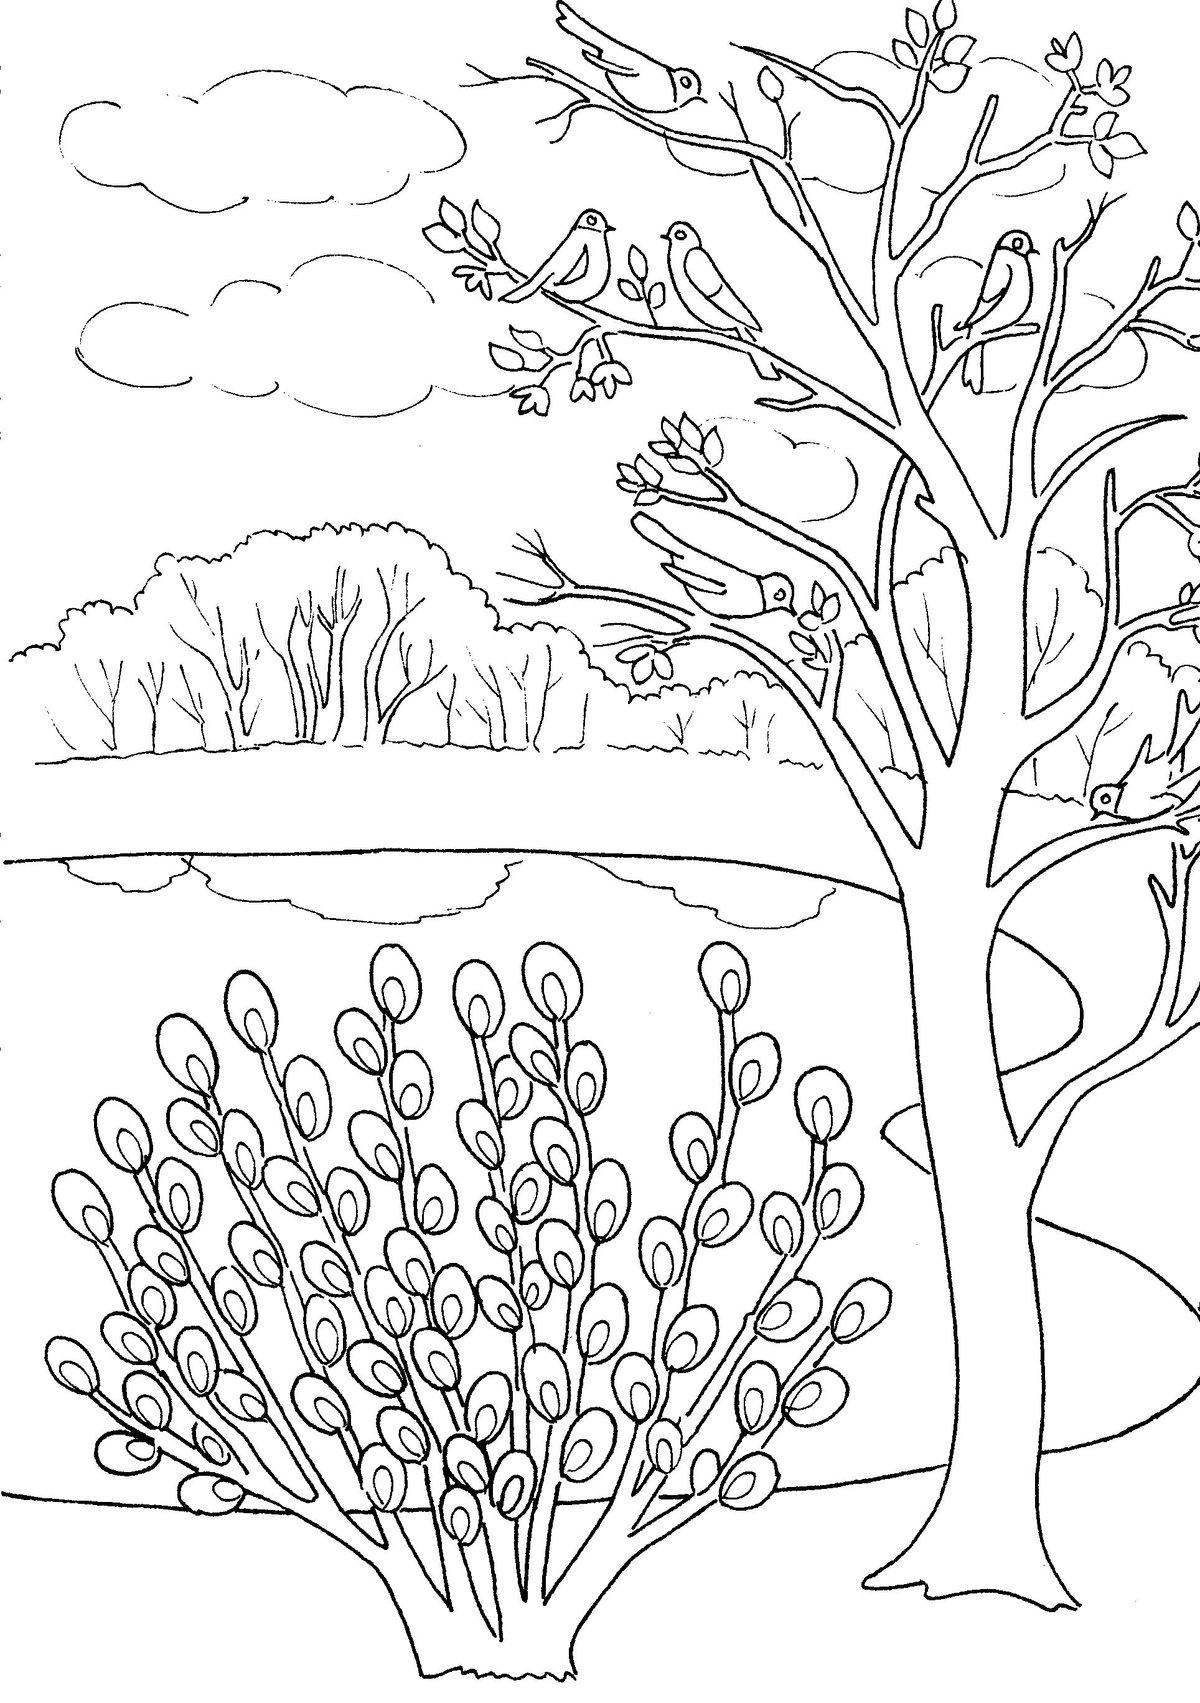 Картинки природы весны для срисовки, днем рождения открытка